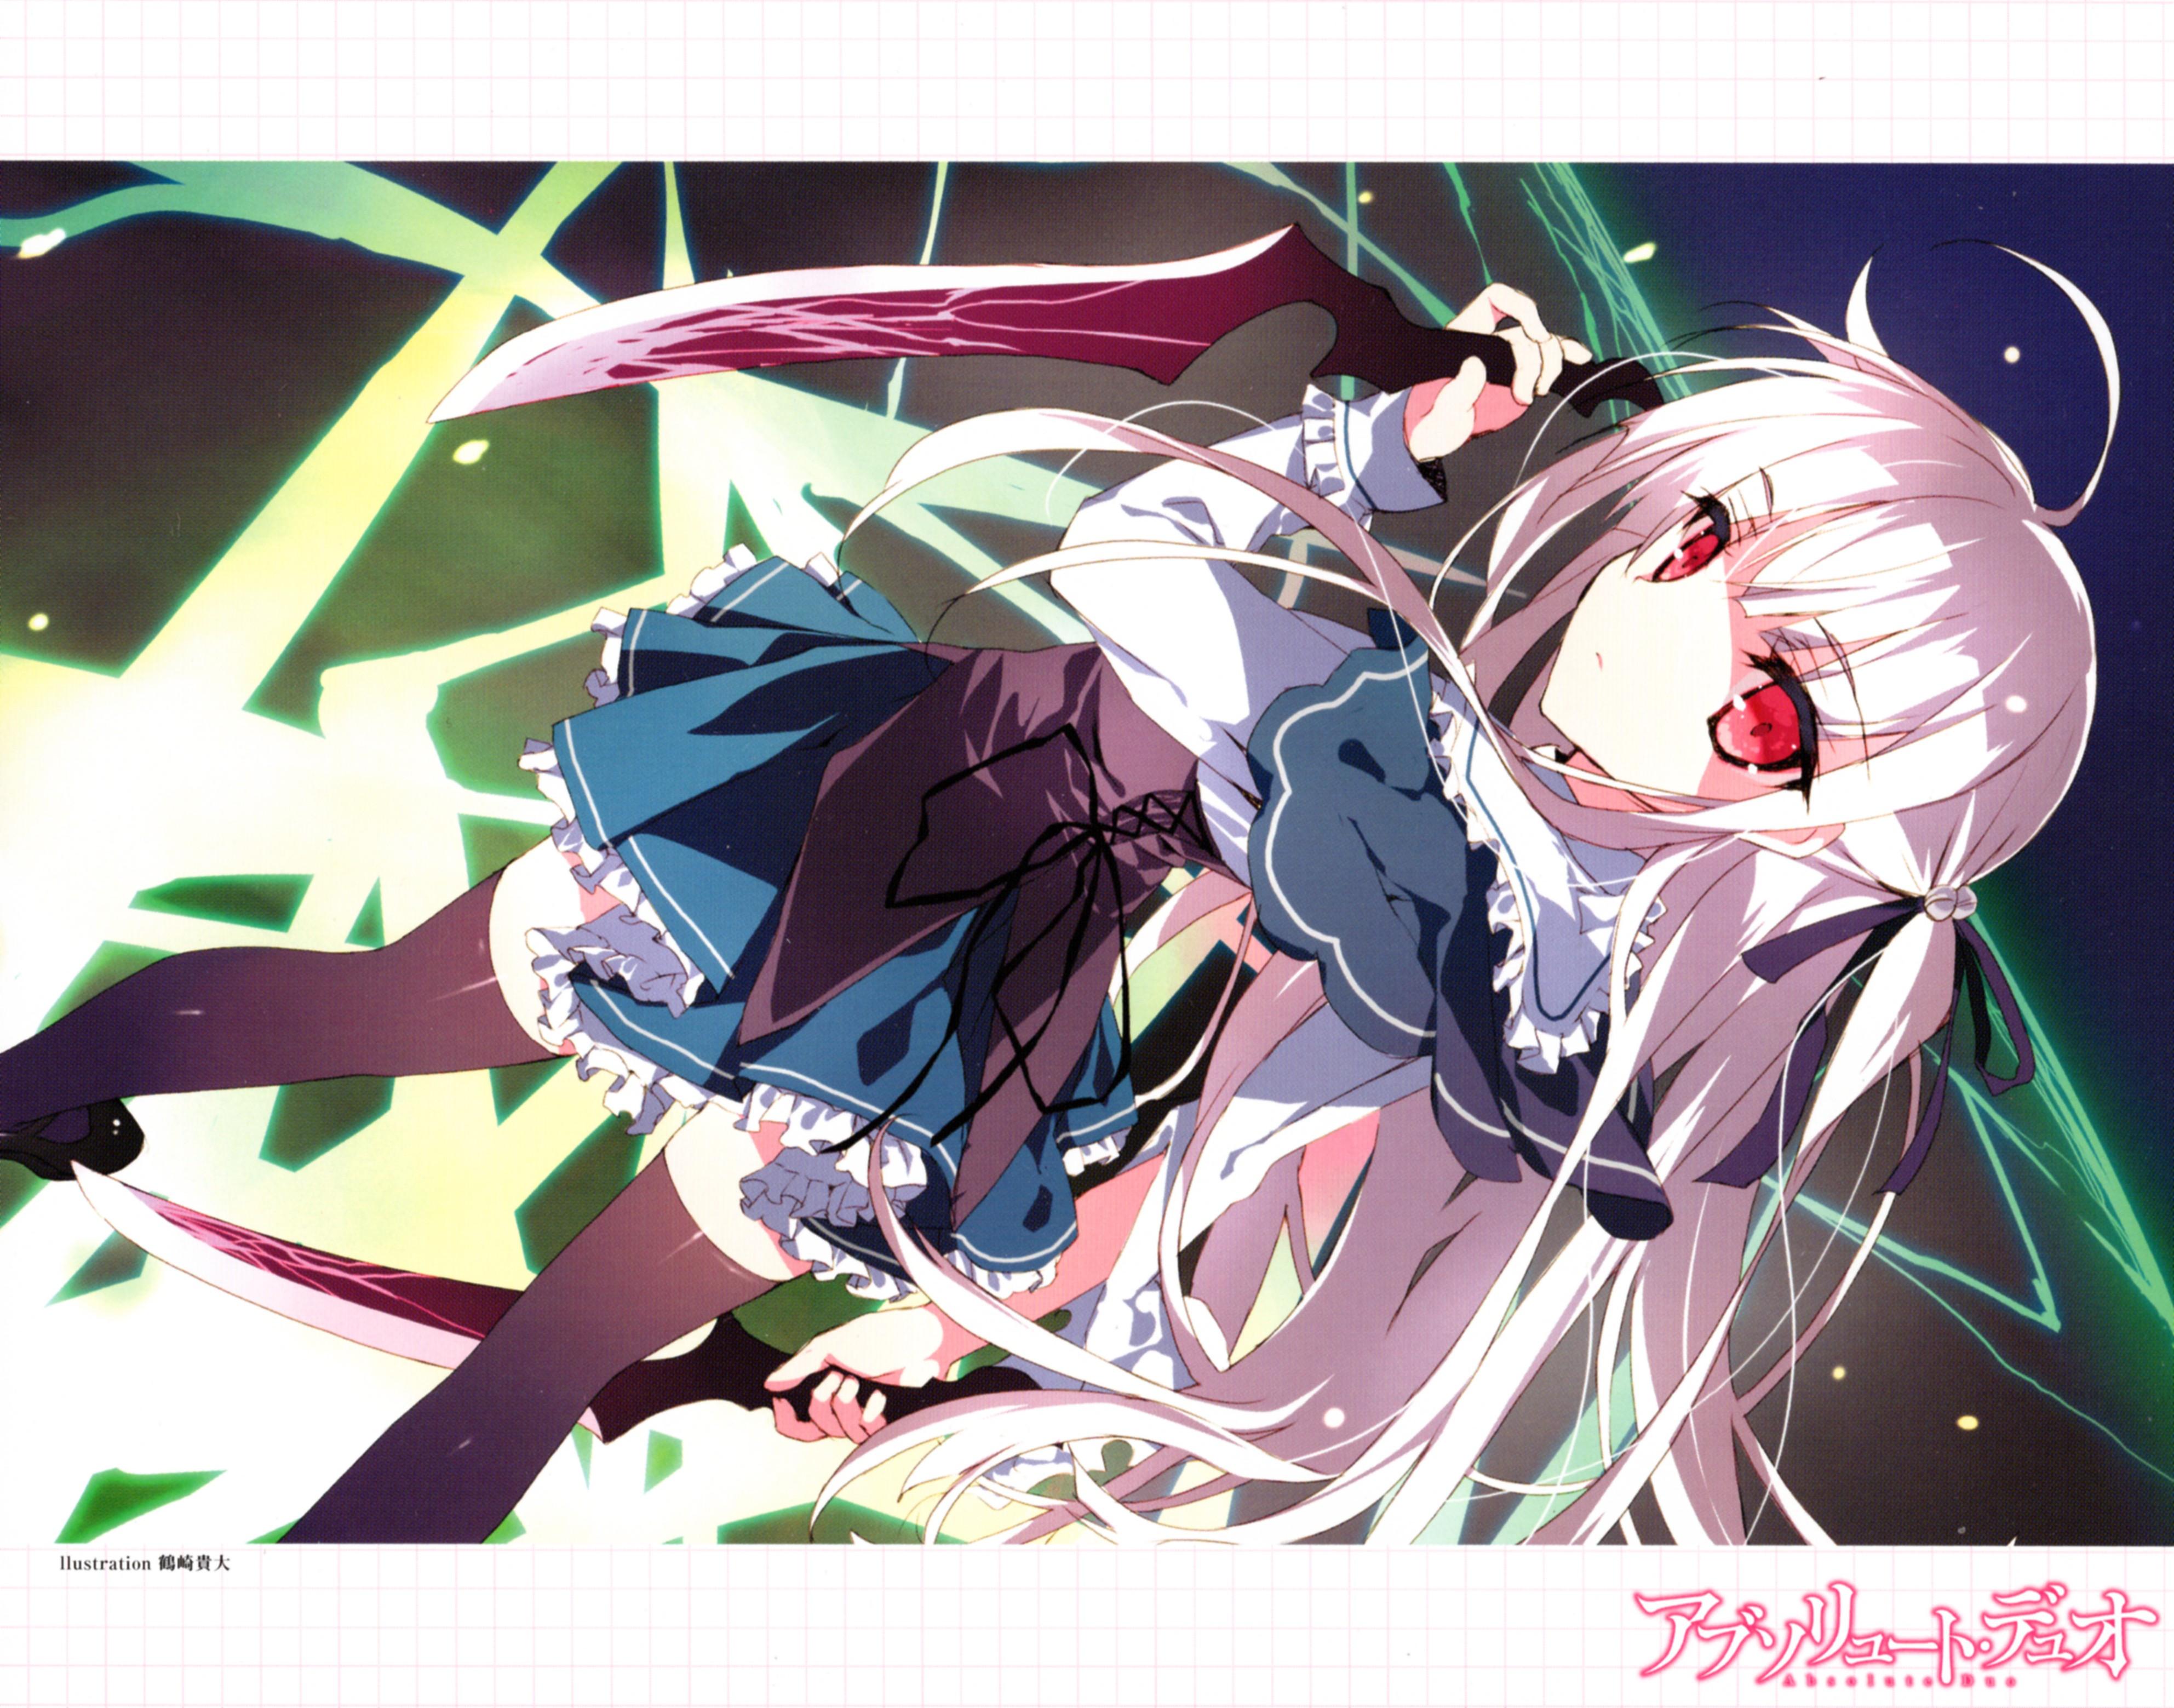 wallpaper illustration anime girls